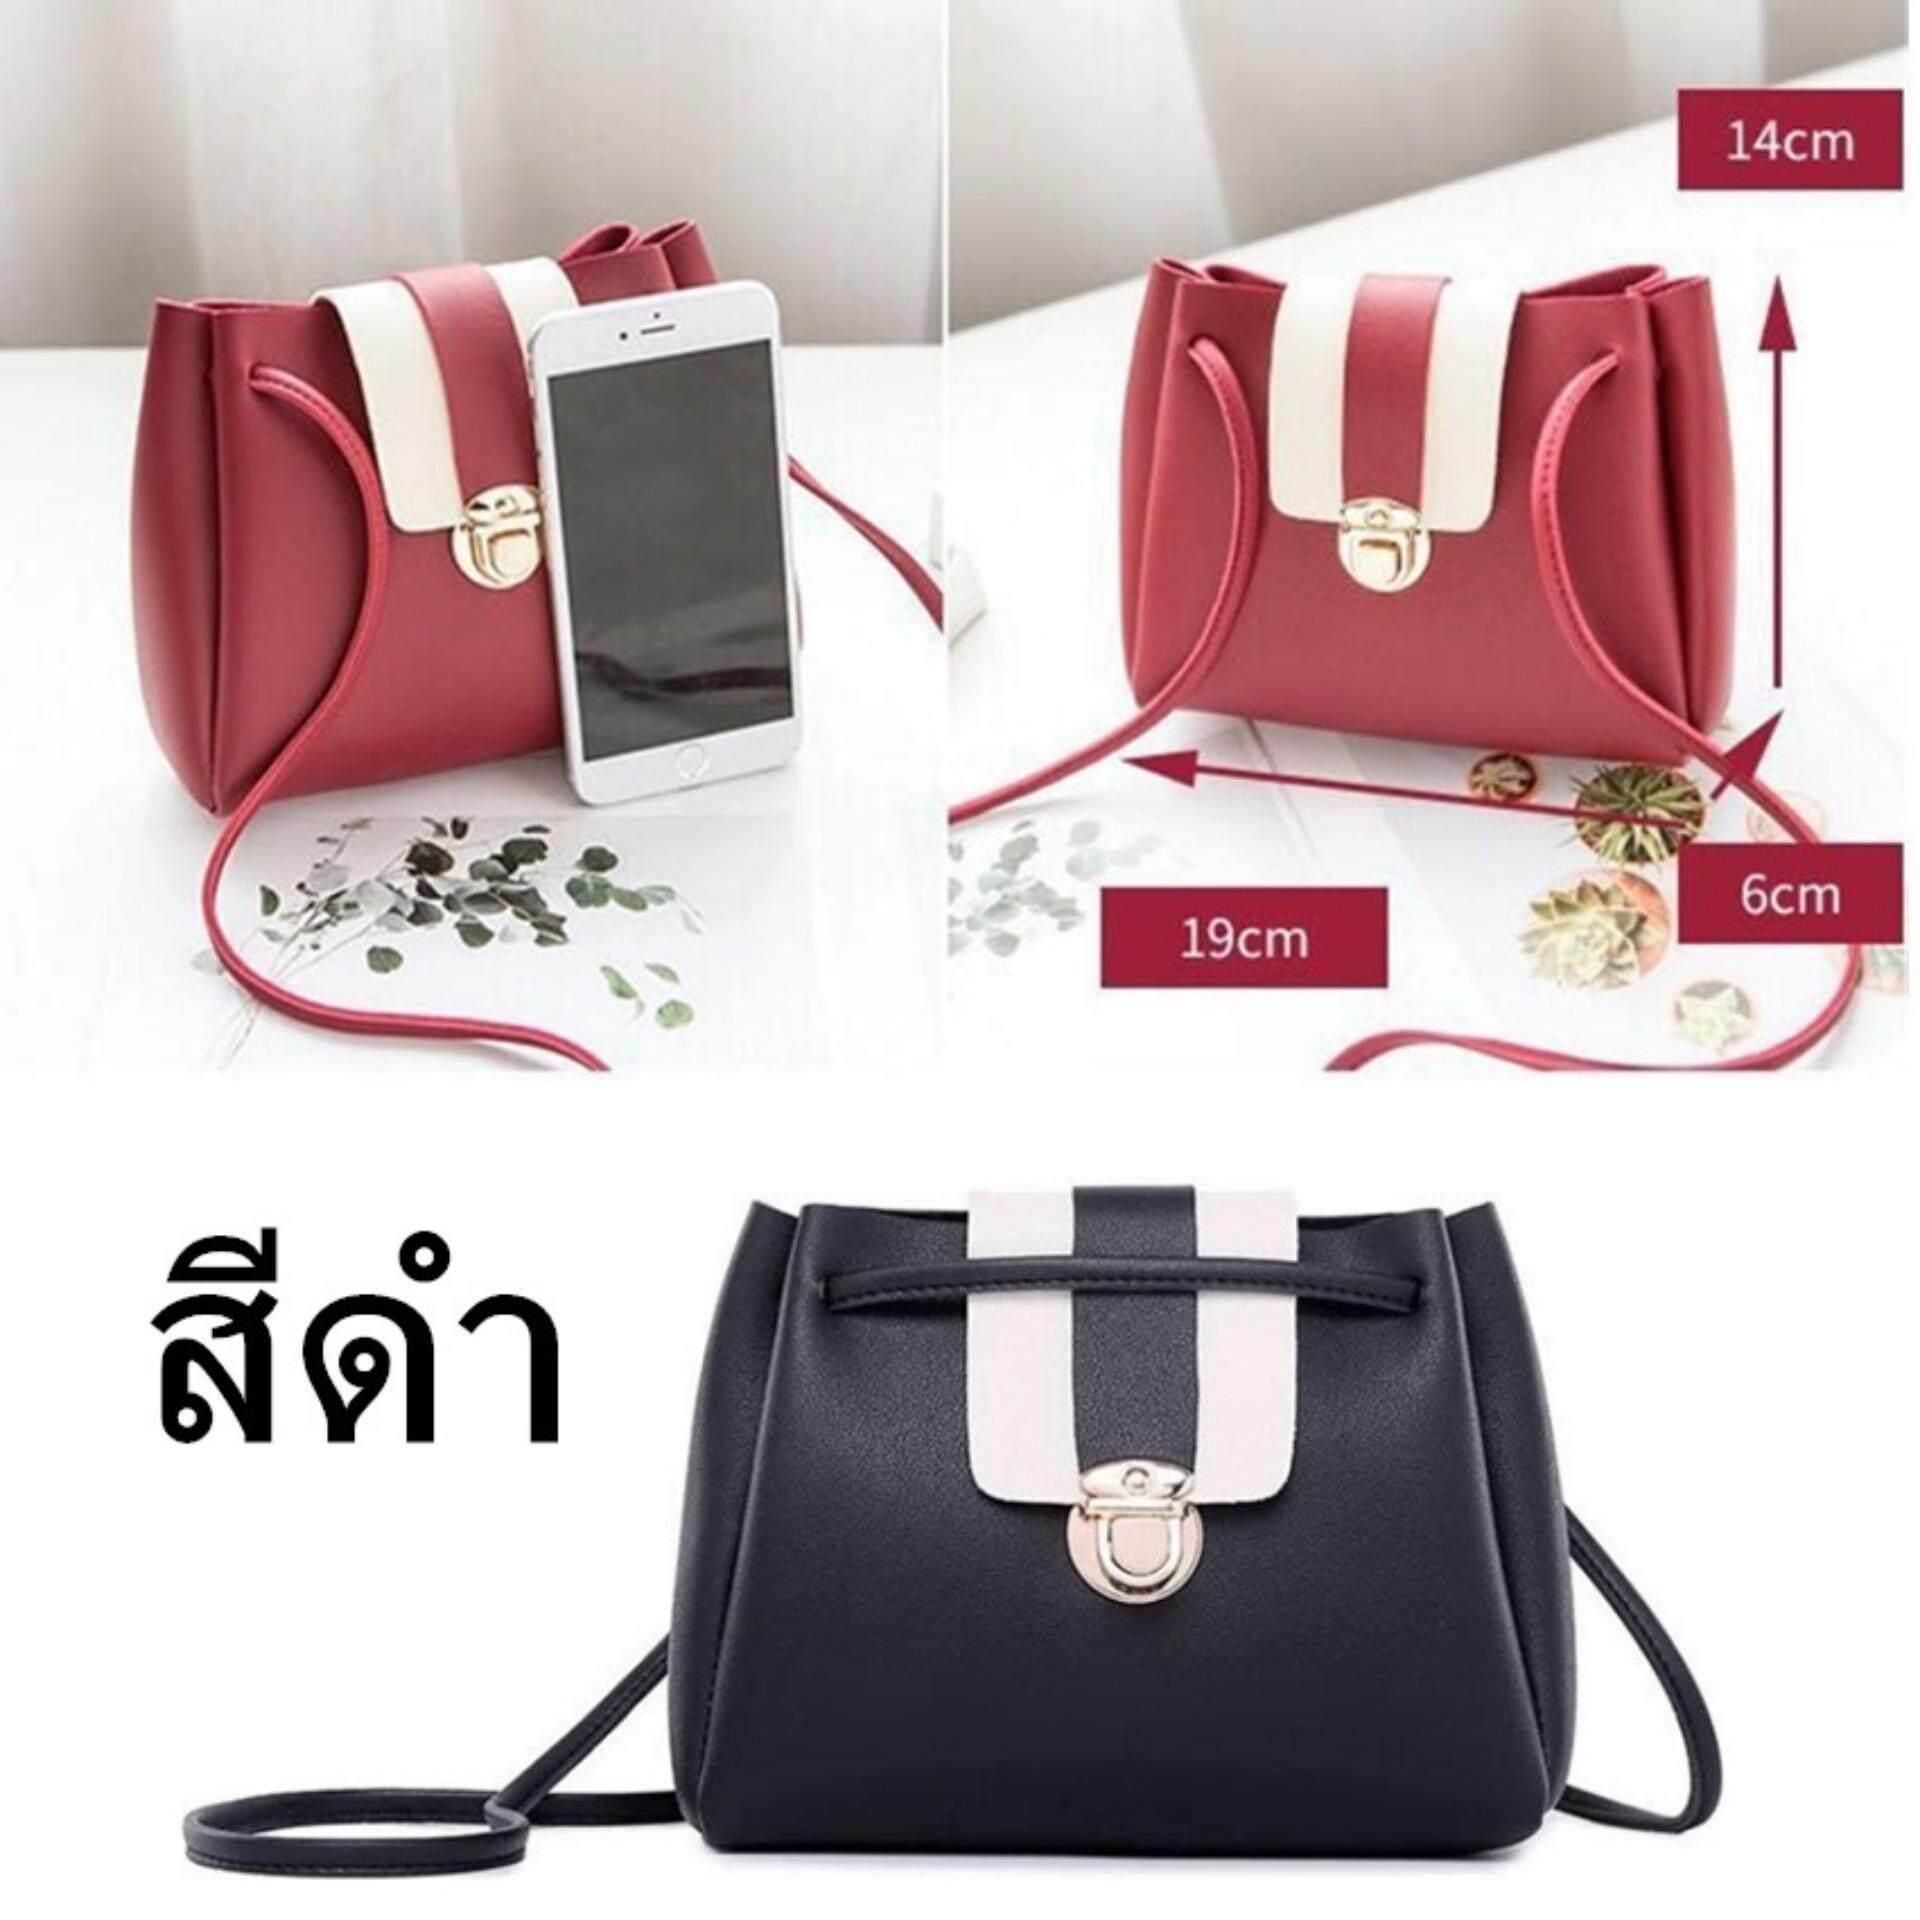 กระเป๋าเป้สะพายหลัง นักเรียน ผู้หญิง วัยรุ่น นครสวรรค์ FGN กระเป๋าสะพาย Bag แบบสไตส์เกาหลี กระเป๋าเป้ Messenger Belt Bag  กระป๋าผู้หญิง รุ่น;FGN 076 (ดำ)